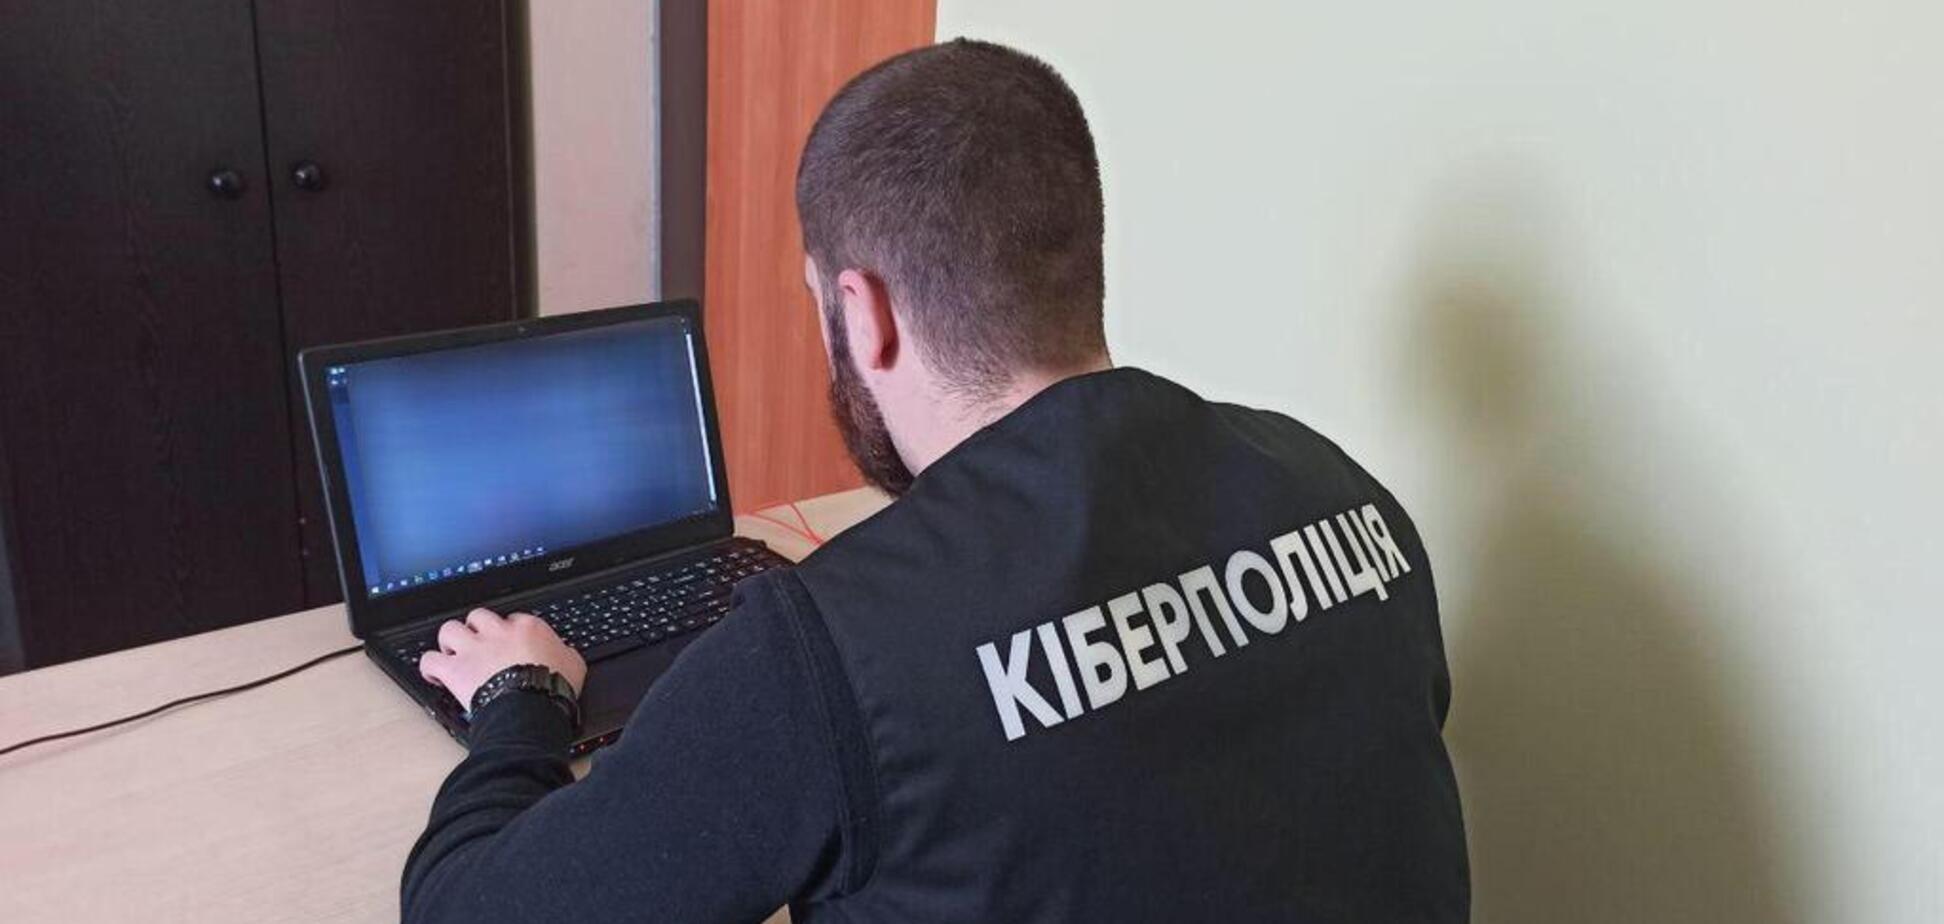 В Одессе полиция разоблачила мошенников, которые крали криптовалюту